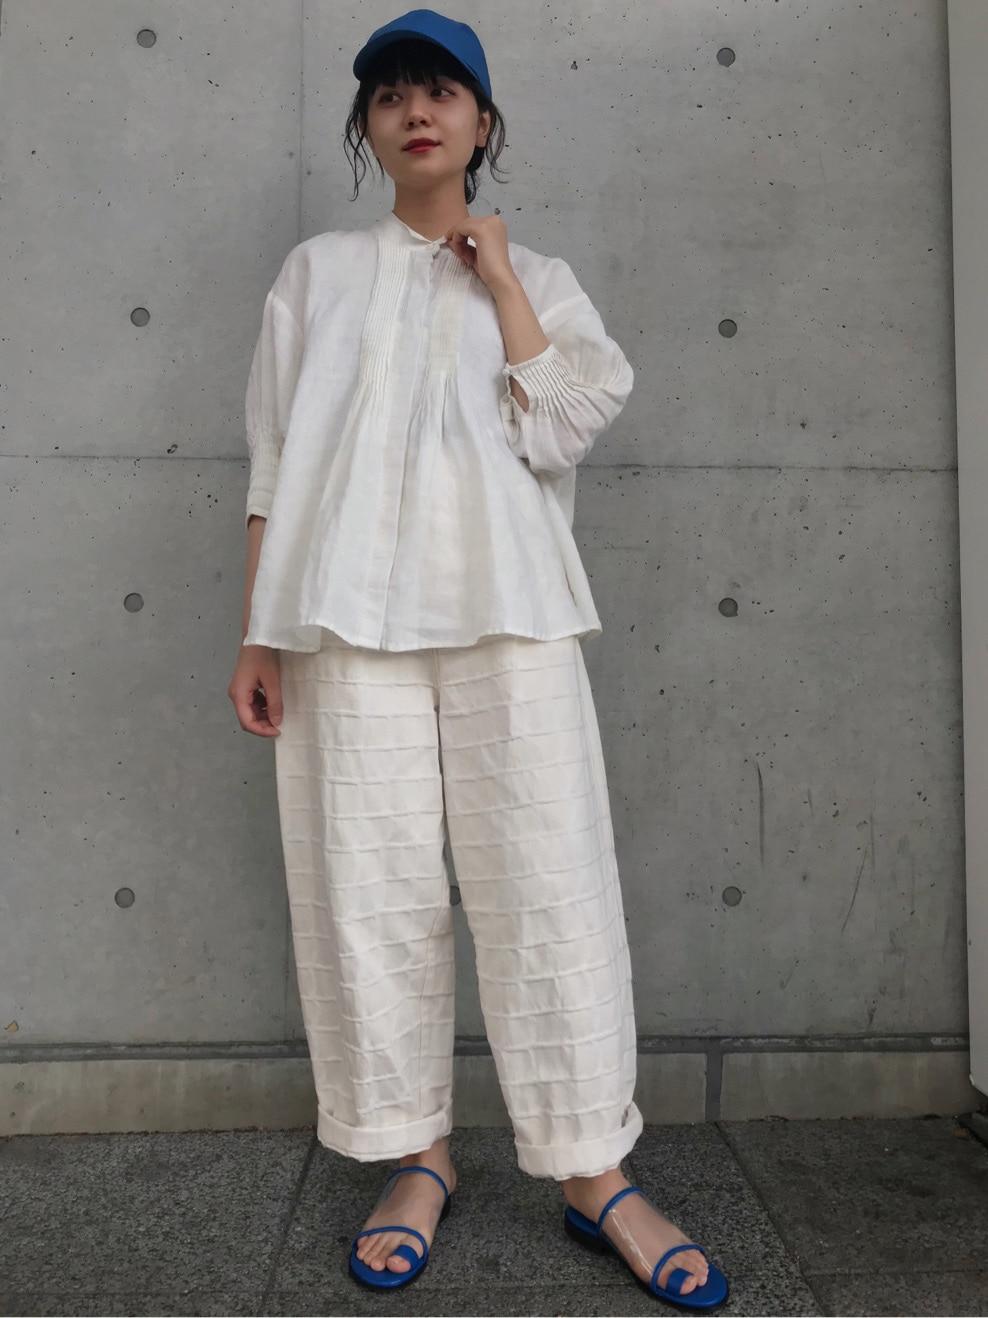 l'atelier du savon 東京スカイツリータウン・ソラマチ 身長:154cm 2020.06.17